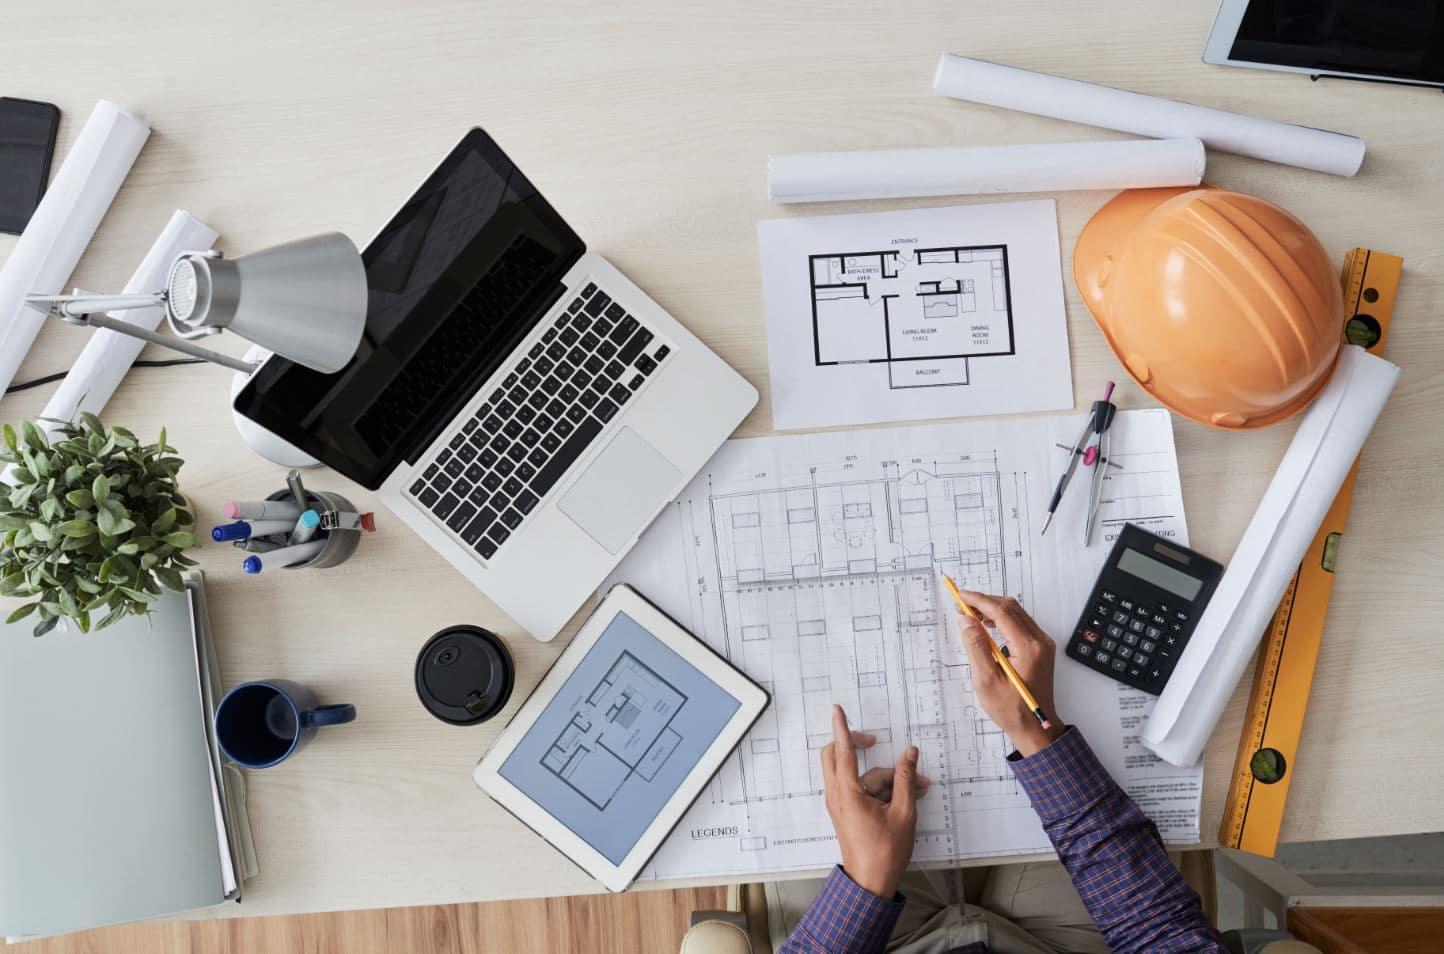 Complétez votre demande de devis de rénovation, d'extension, d'aménagement